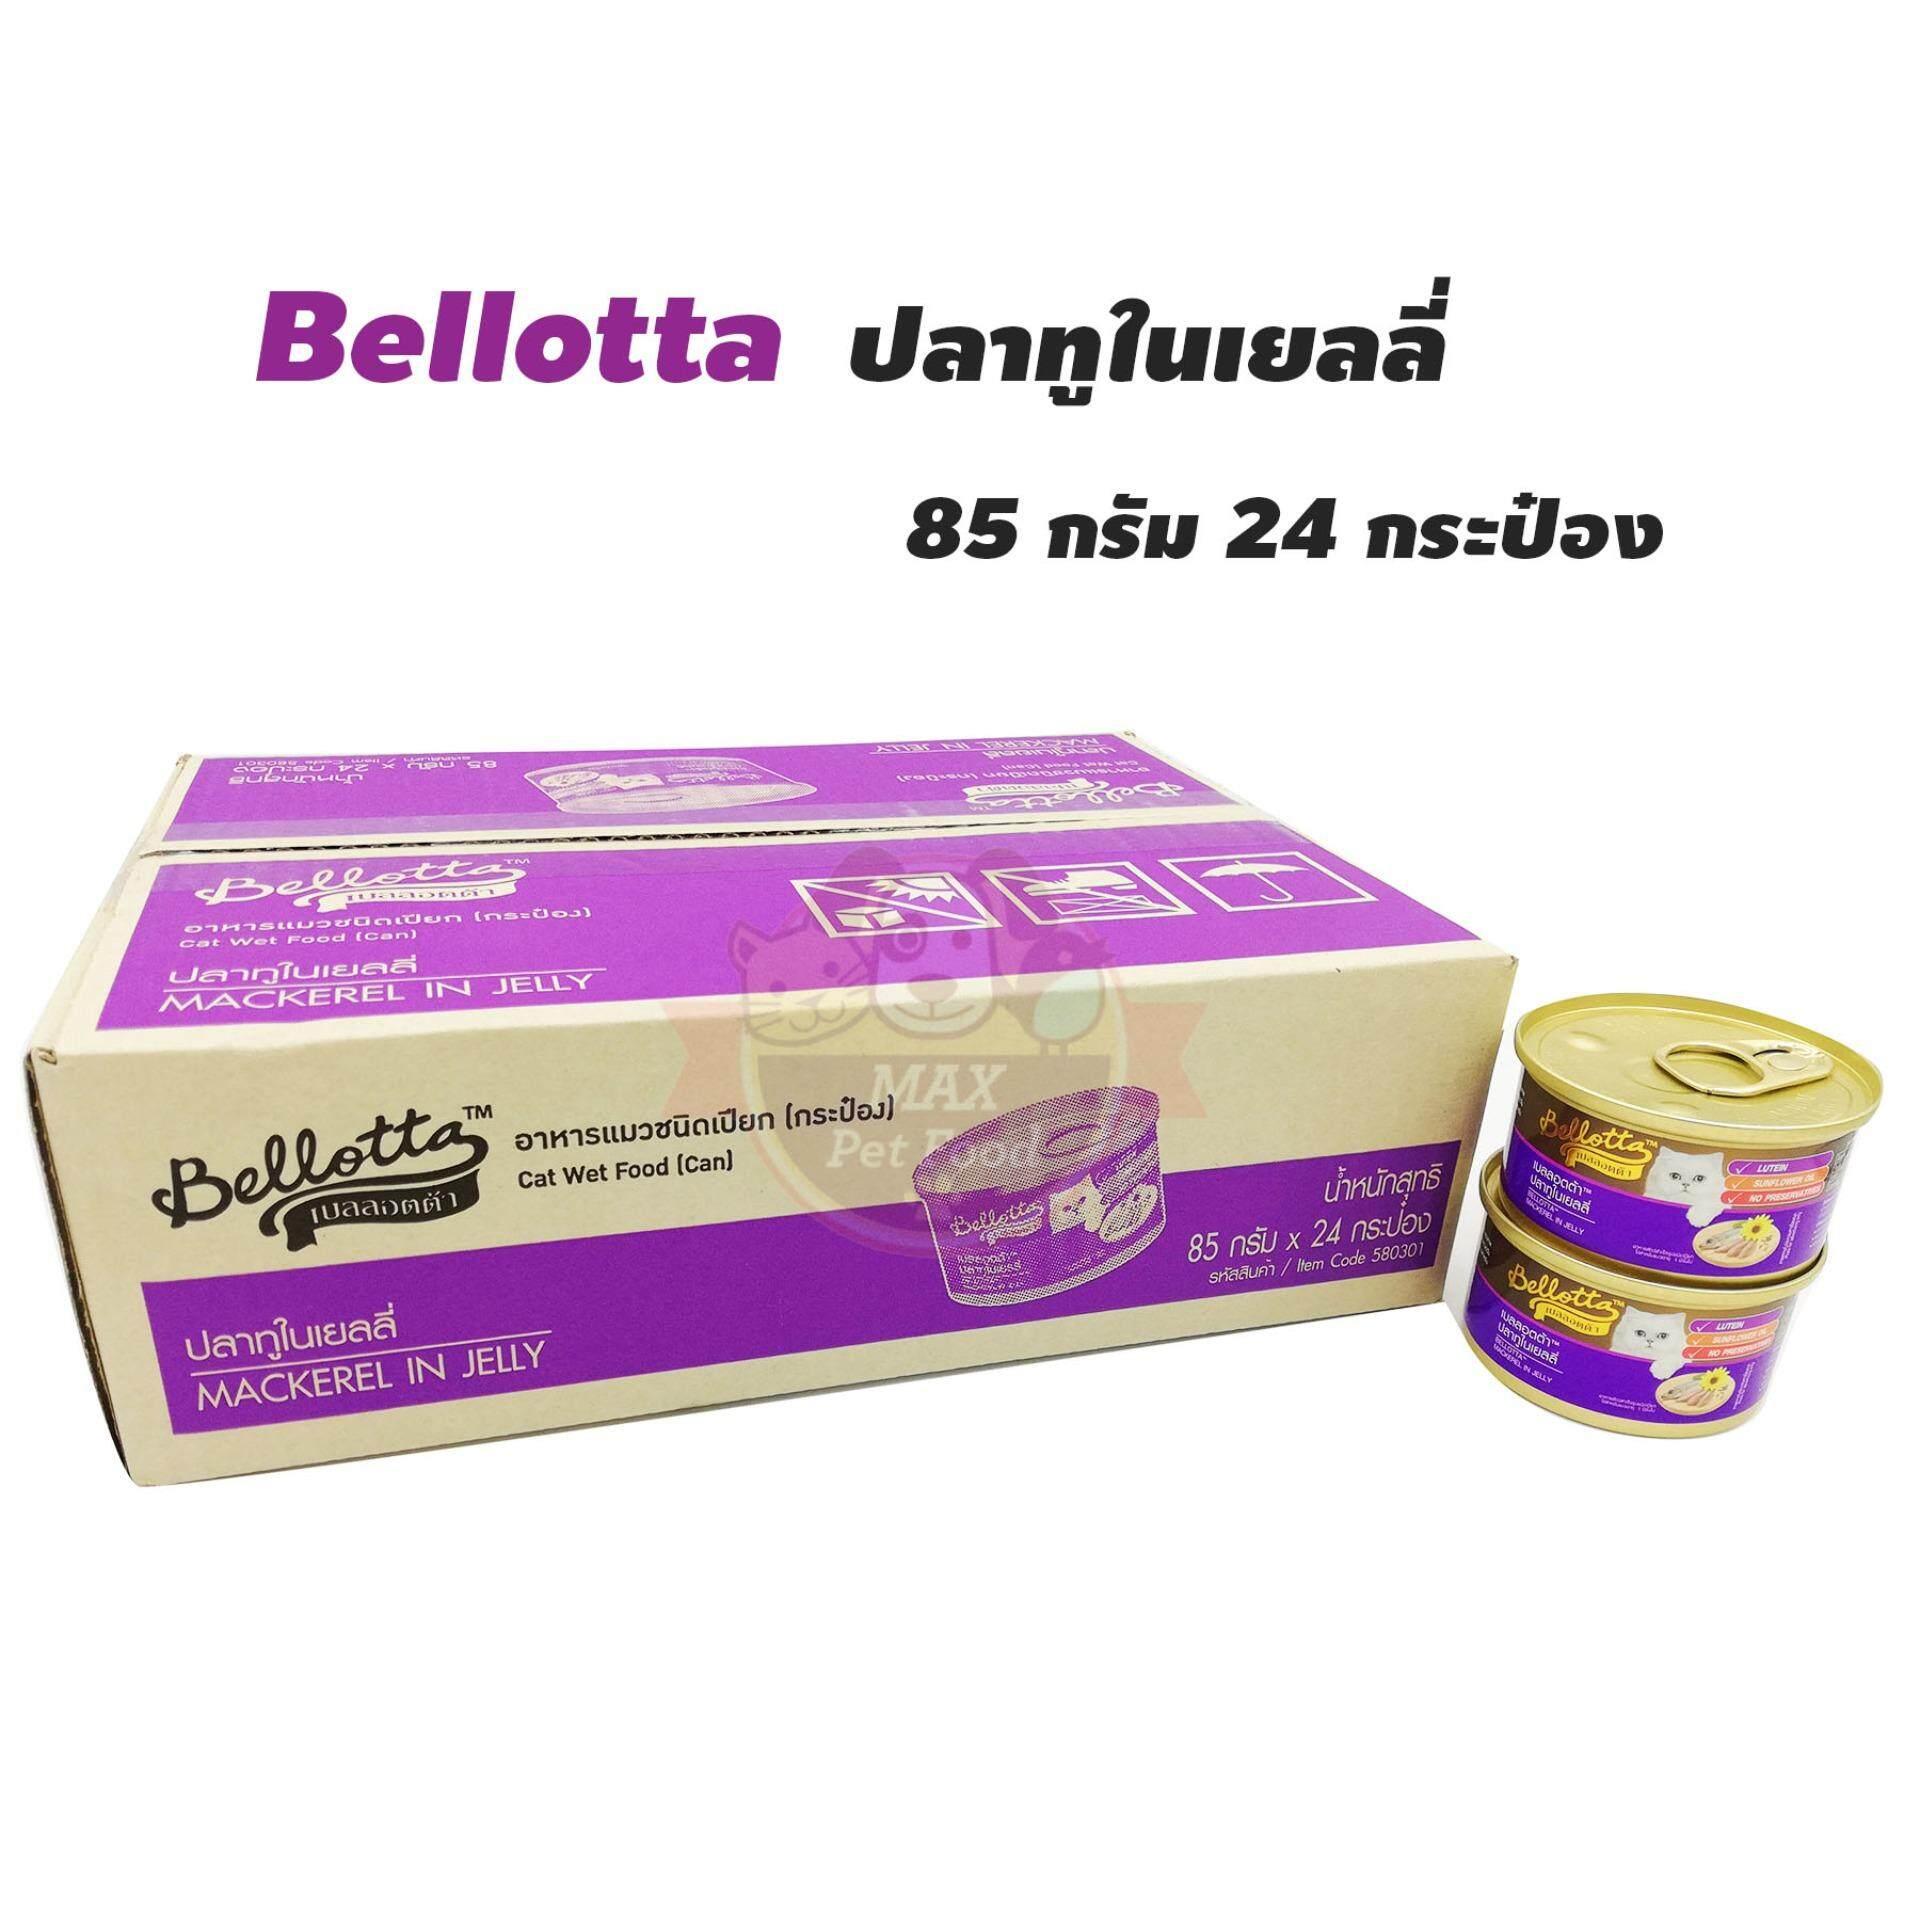 Bellotta Mackerel In Jelly เบลลอตต้า ปลาทูในน้ำเยลลี่ อาหารแมวชนิดเปียก (กระป๋อง) 85g*24 By Maxpetfood.